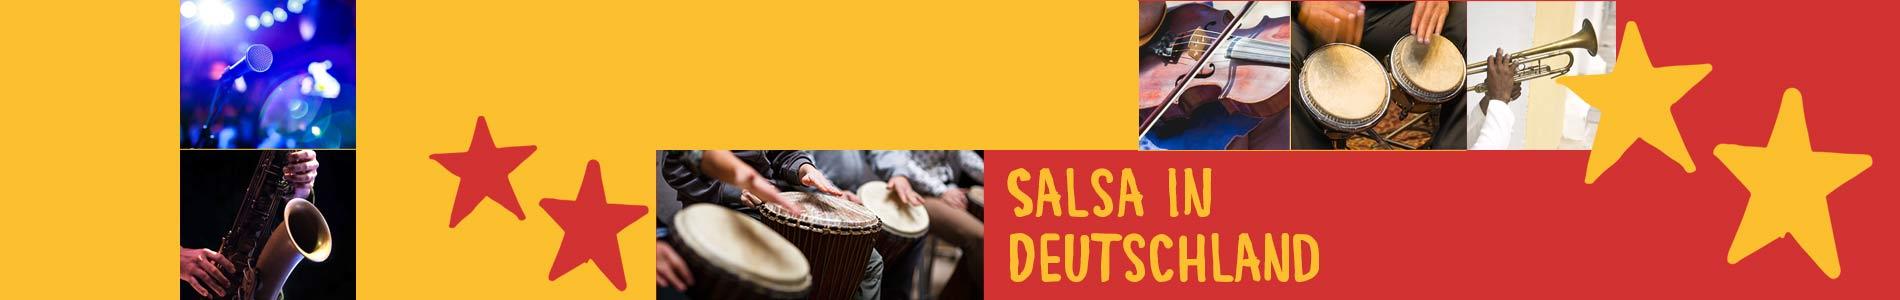 Salsa in Bruchweiler-Bärenbach – Salsa lernen und tanzen, Tanzkurse, Partys, Veranstaltungen